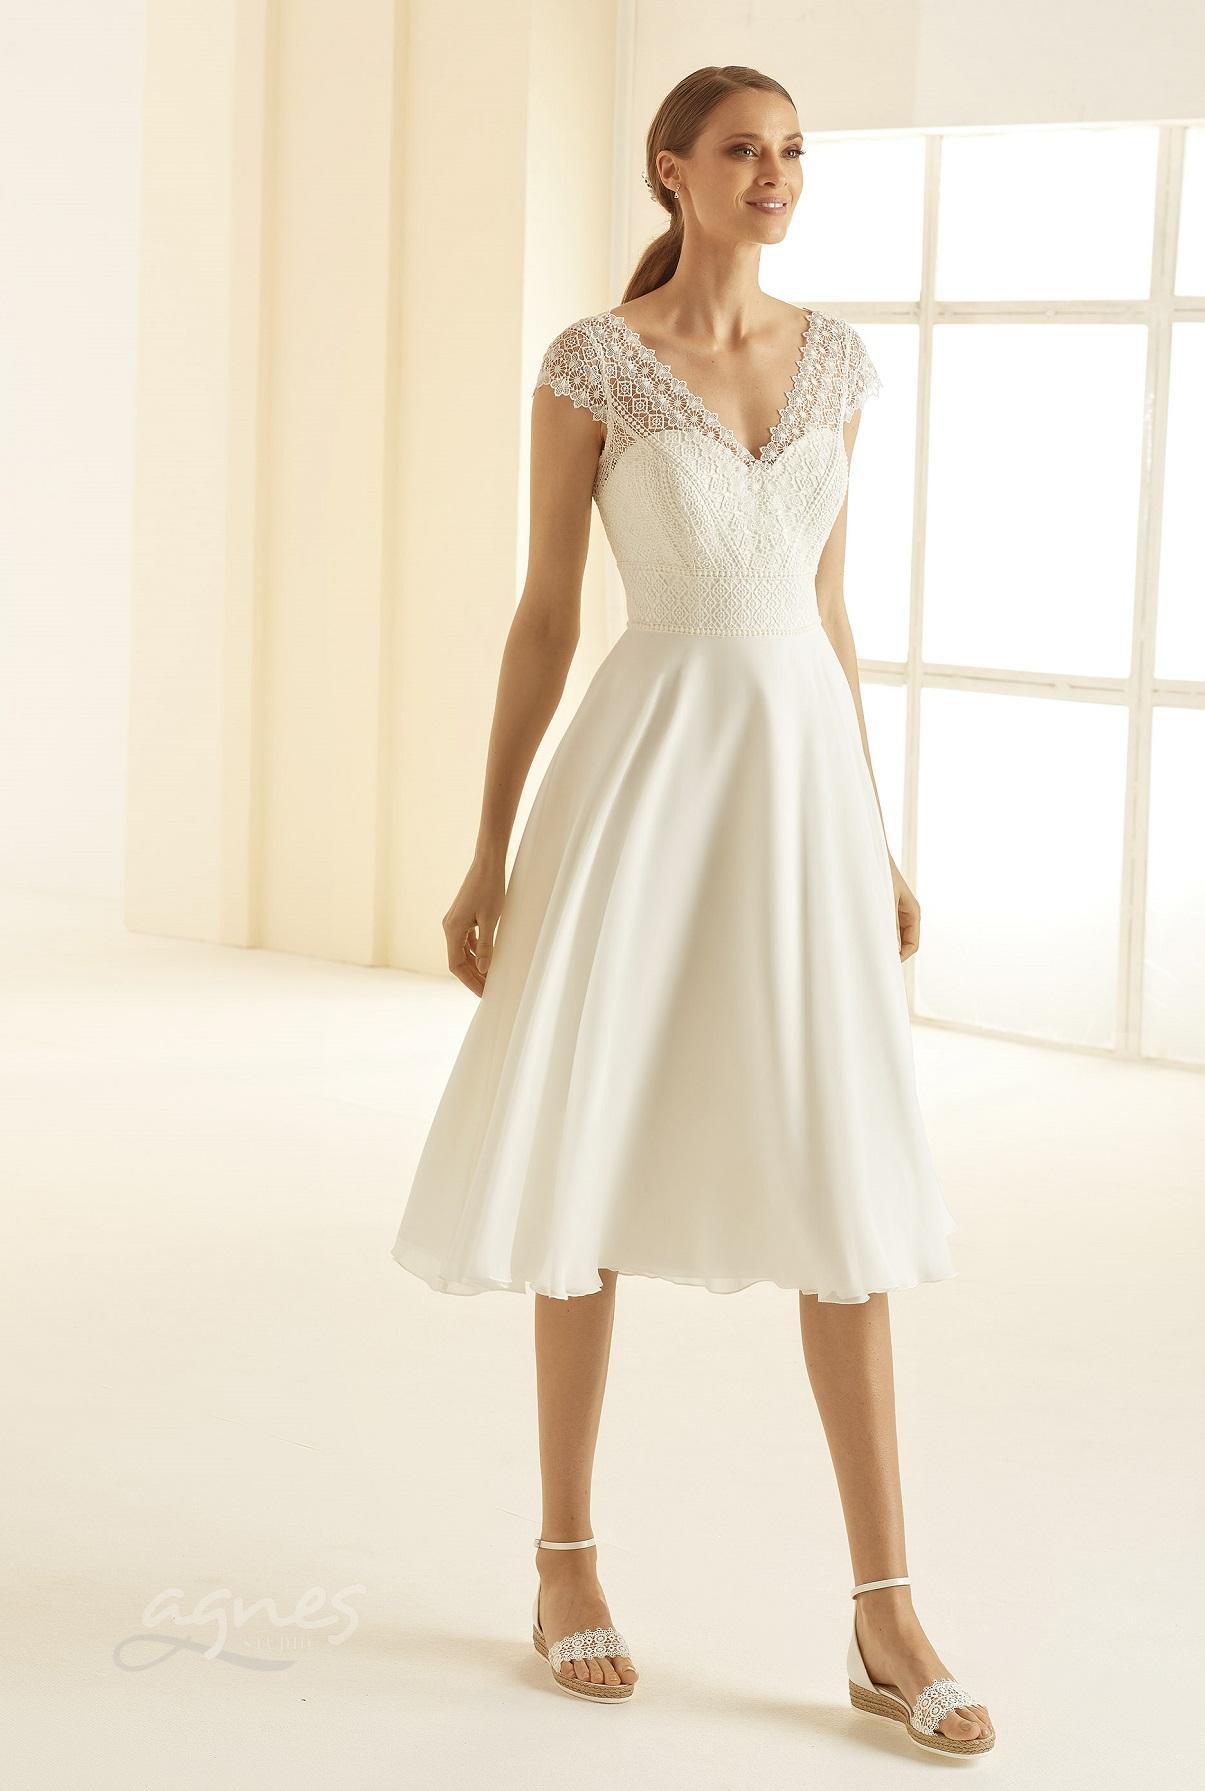 svatebni-saty-kratke-BORNEA-Bianco-Evento-bridal-dress-(1)